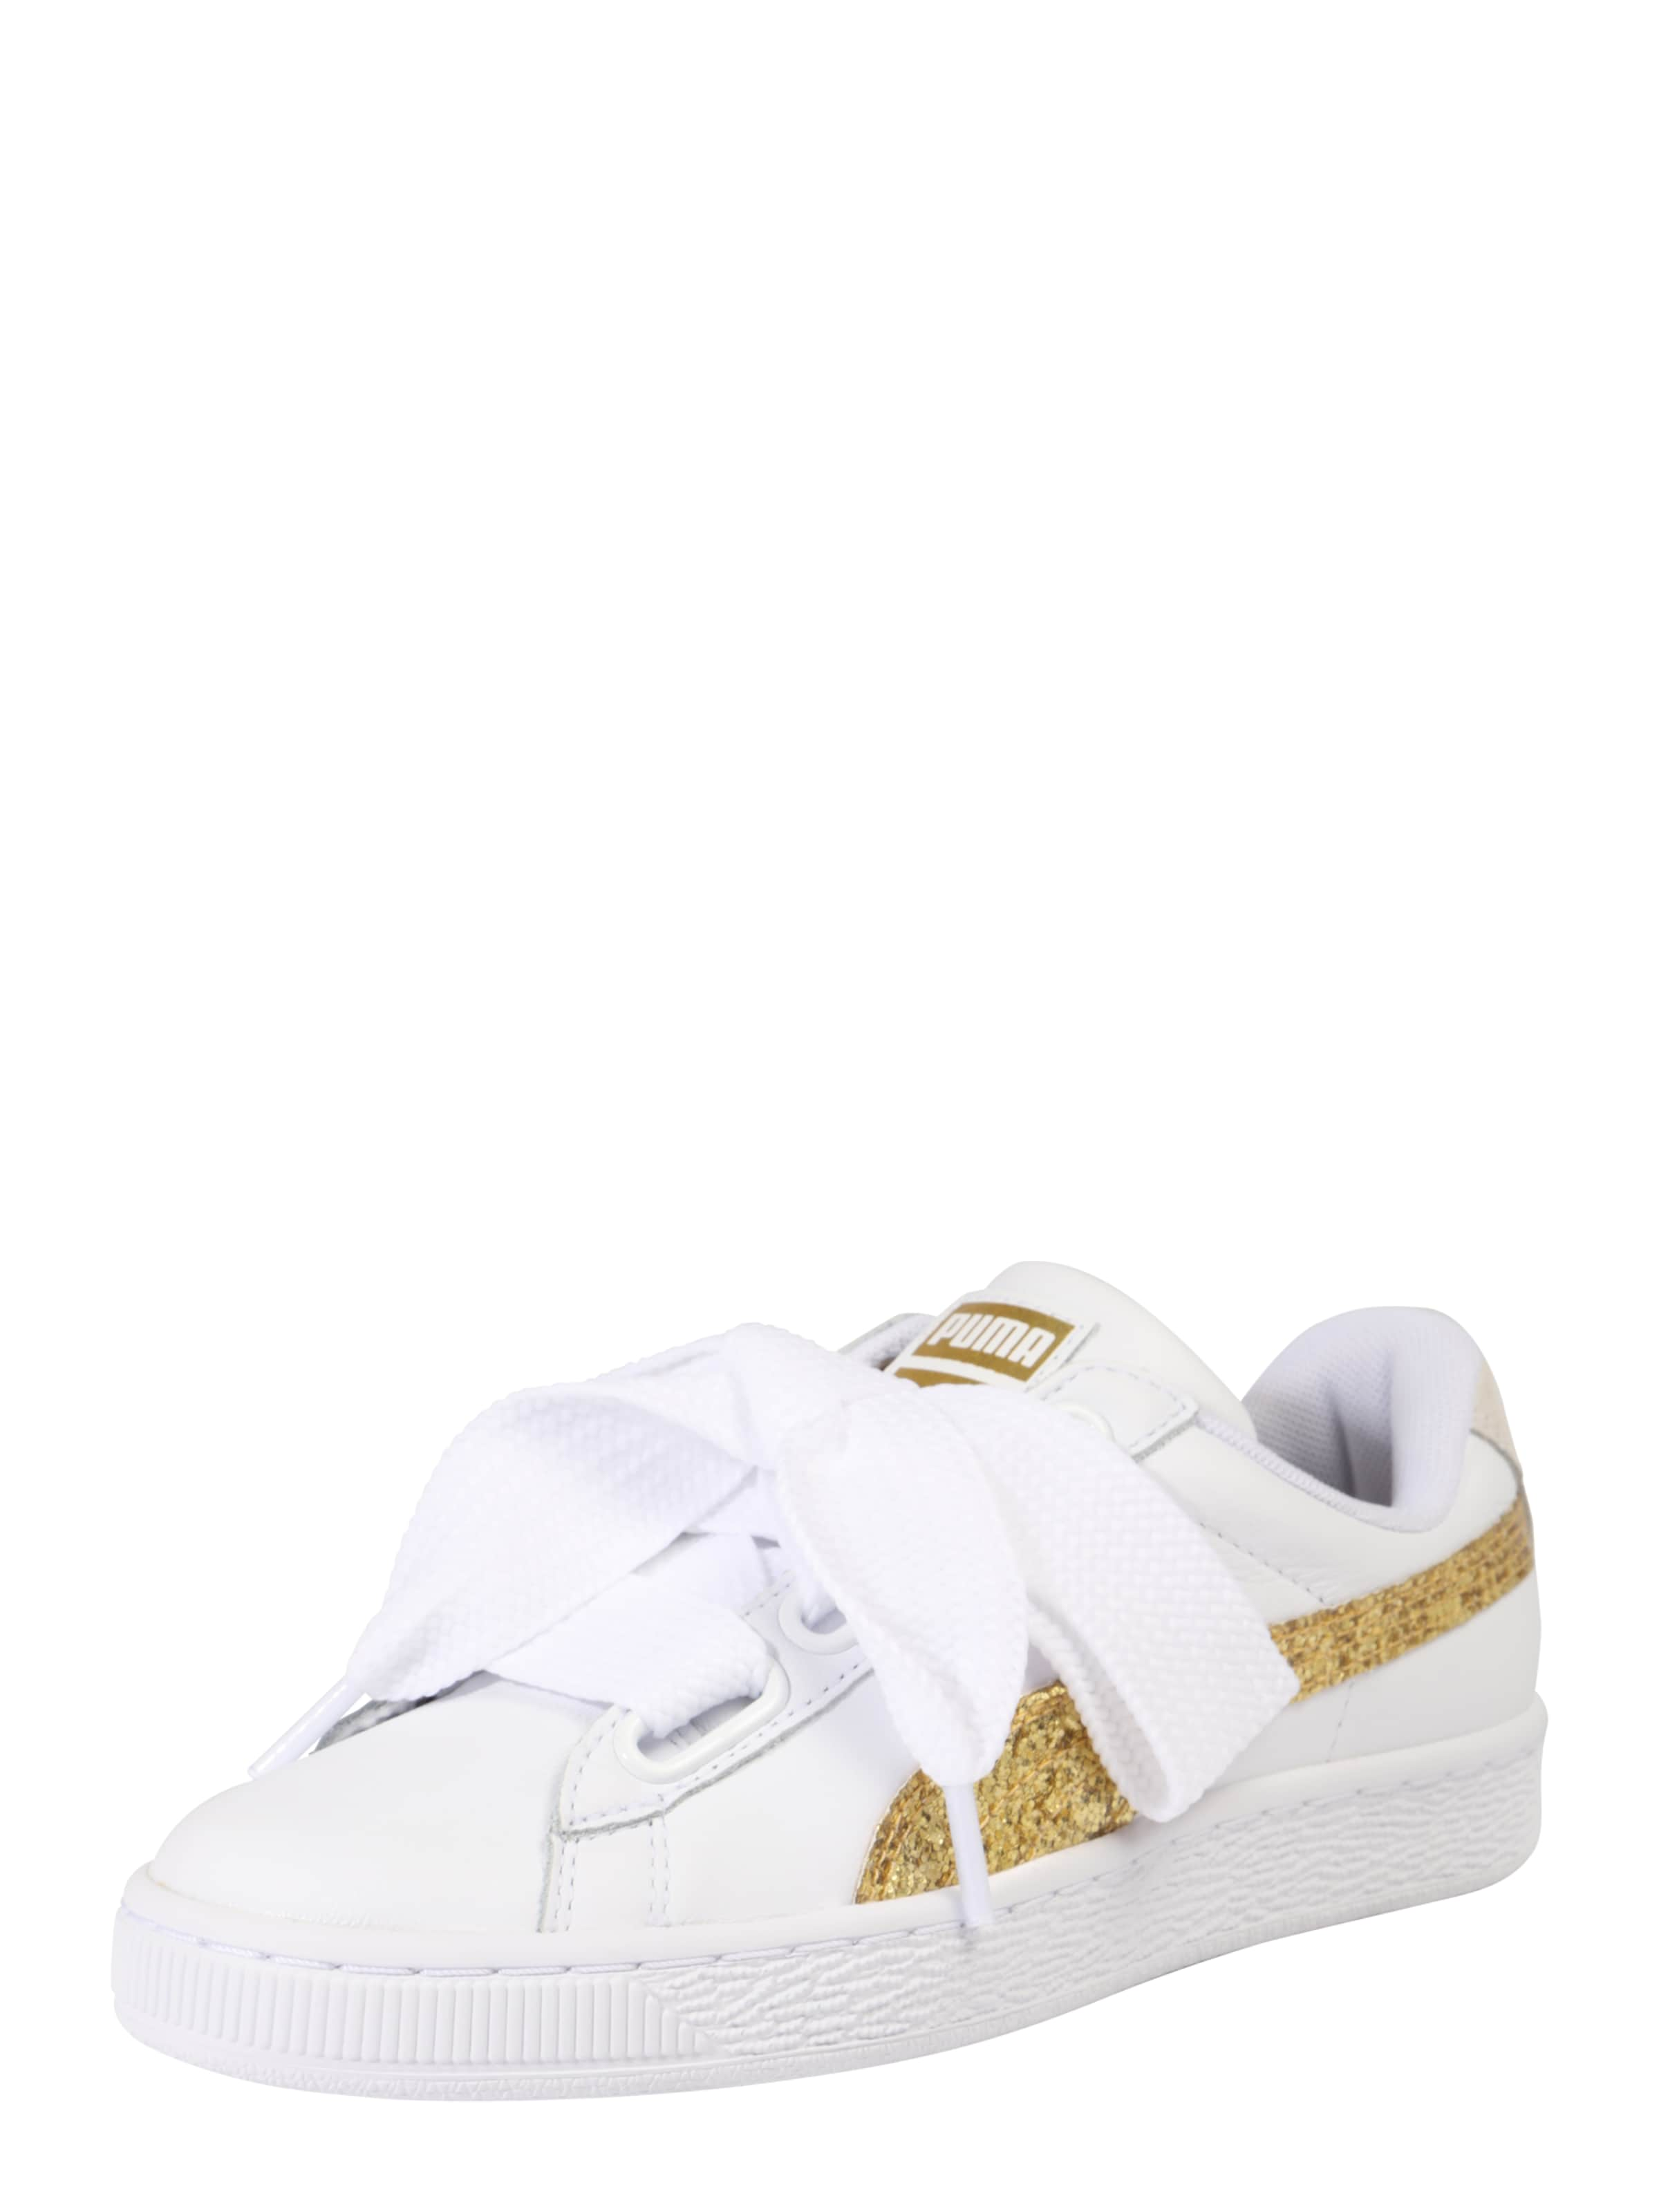 PUMA Sneaker  Basket Heart Glitter